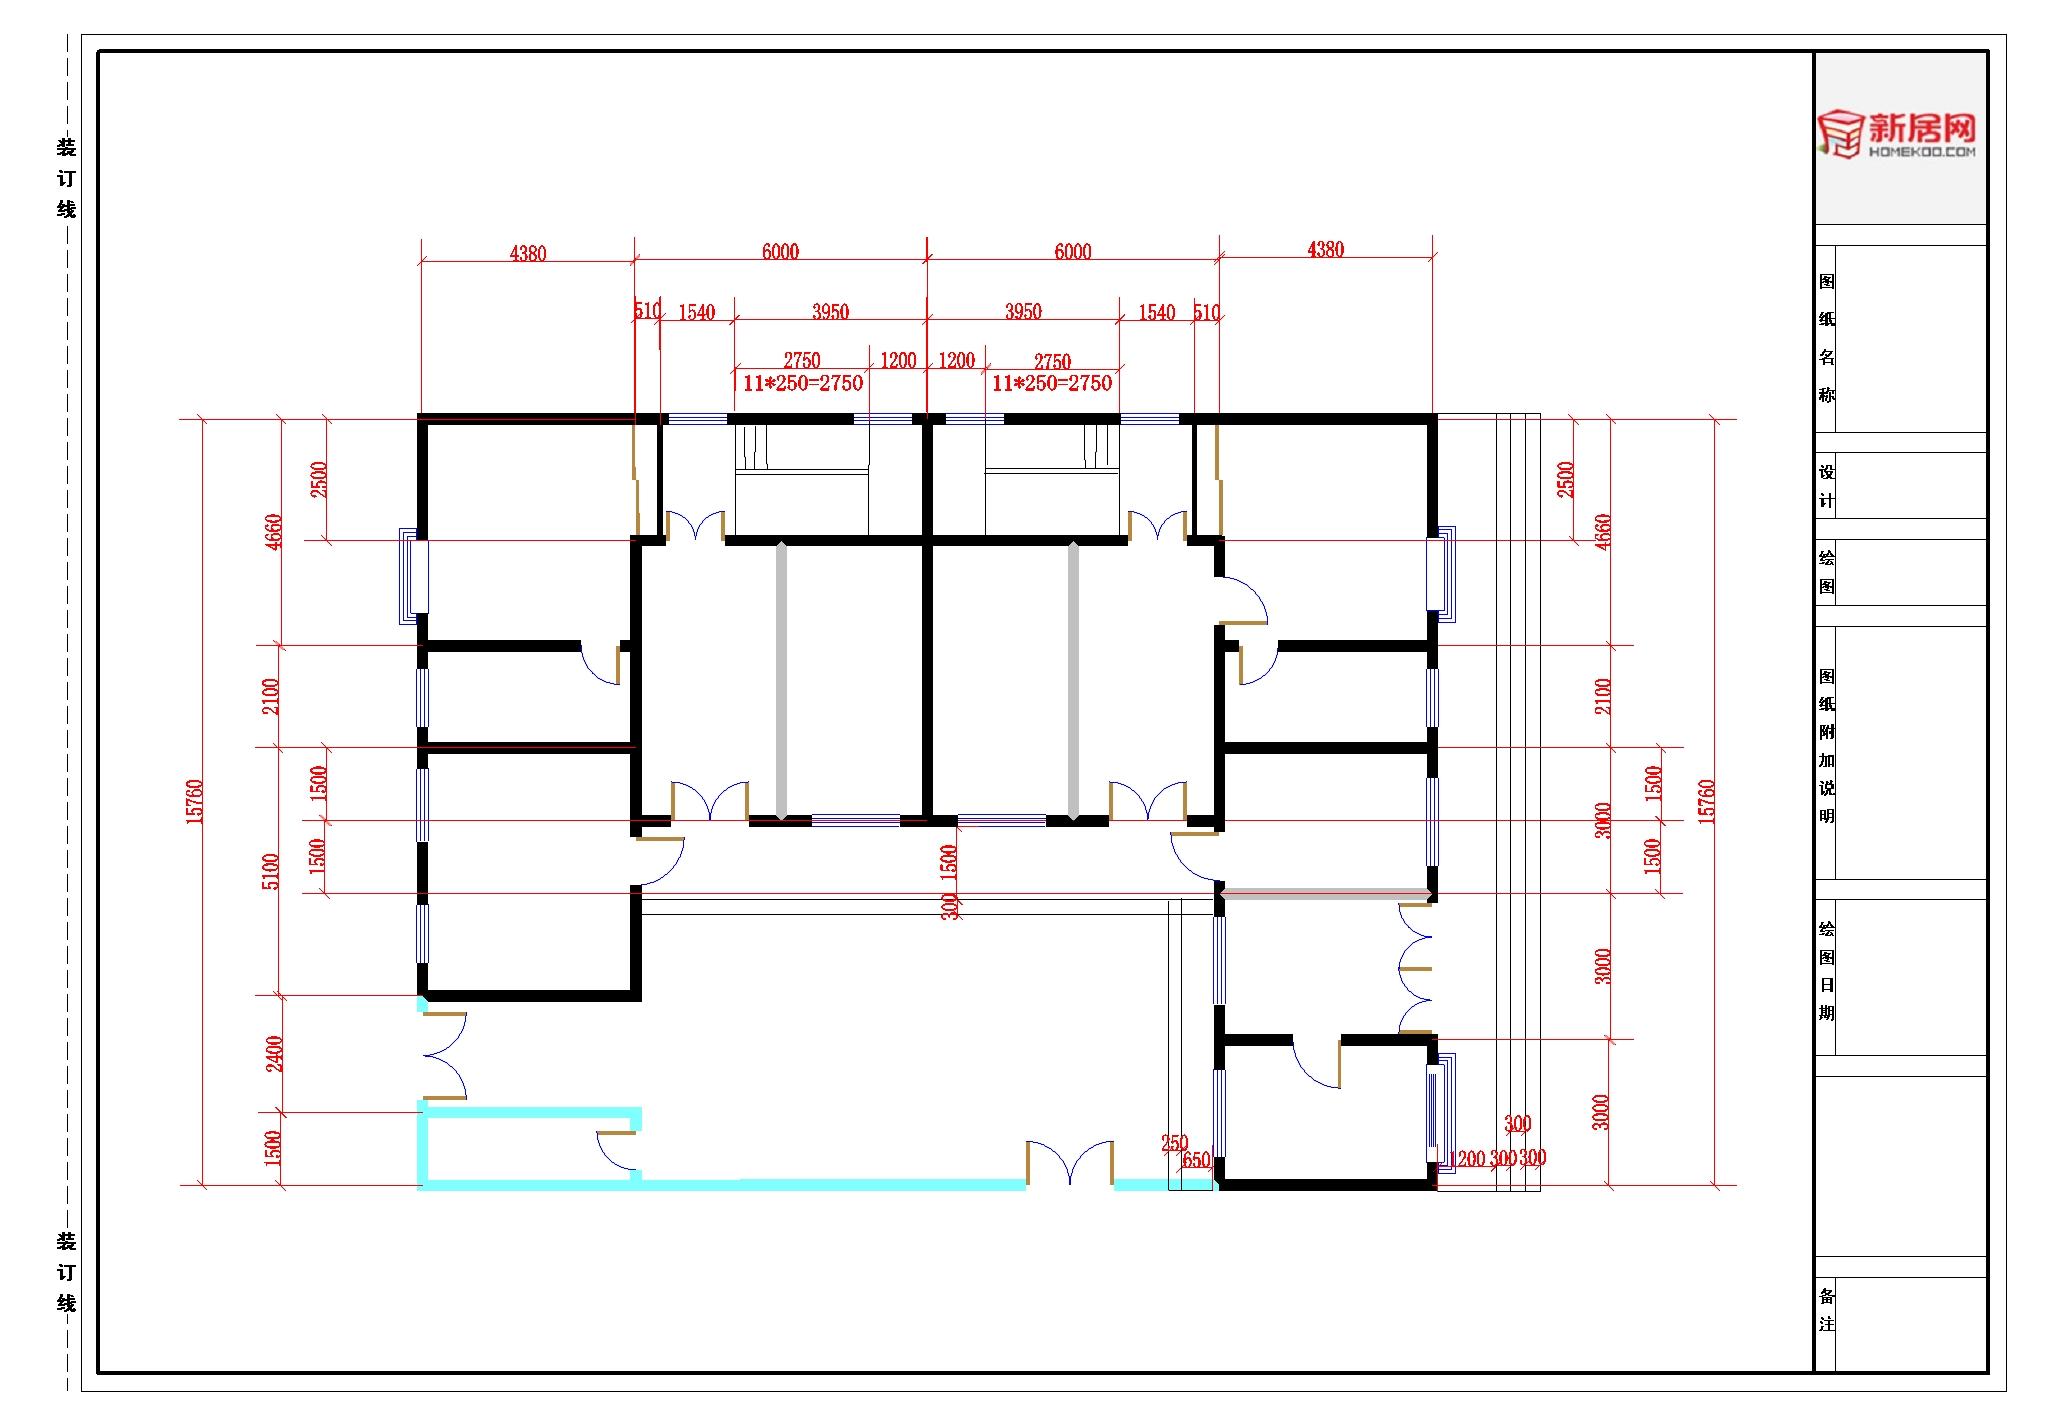 图别墅一层平面图农村一层平房平面图一层别墅平面图楼梯一层平面图